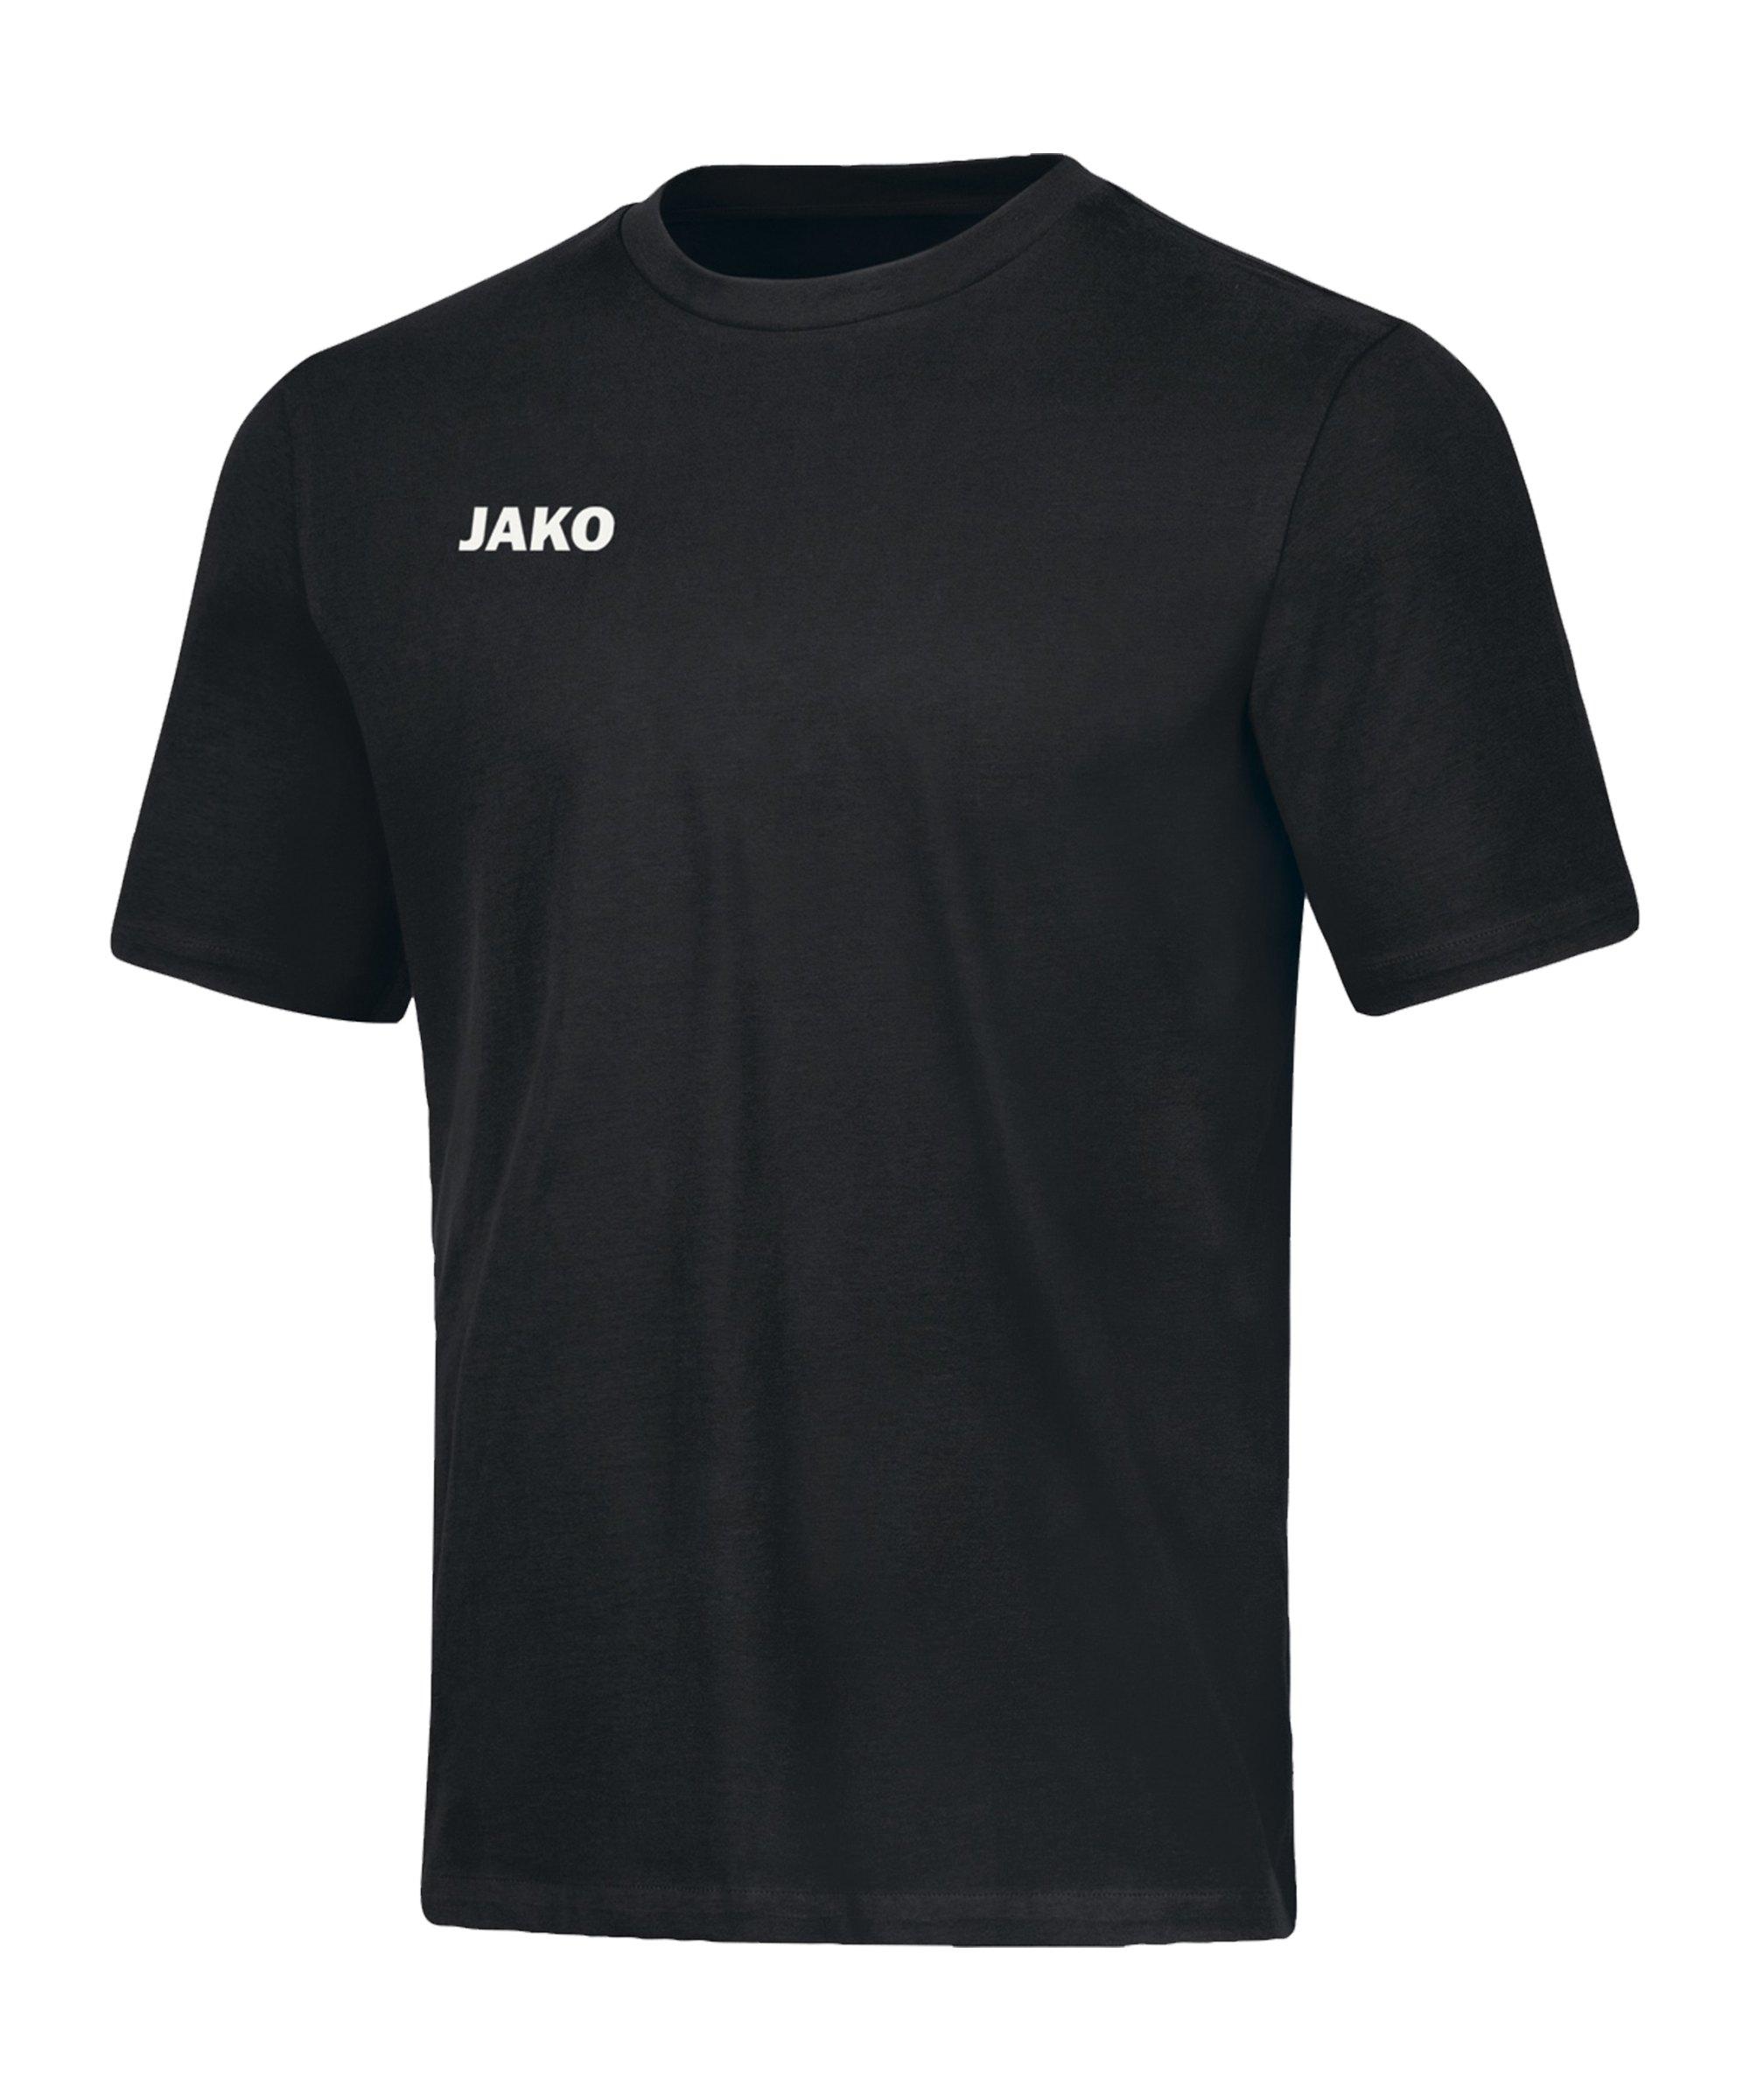 JAKO Base T-Shirt Damen Schwarz F08 - schwarz